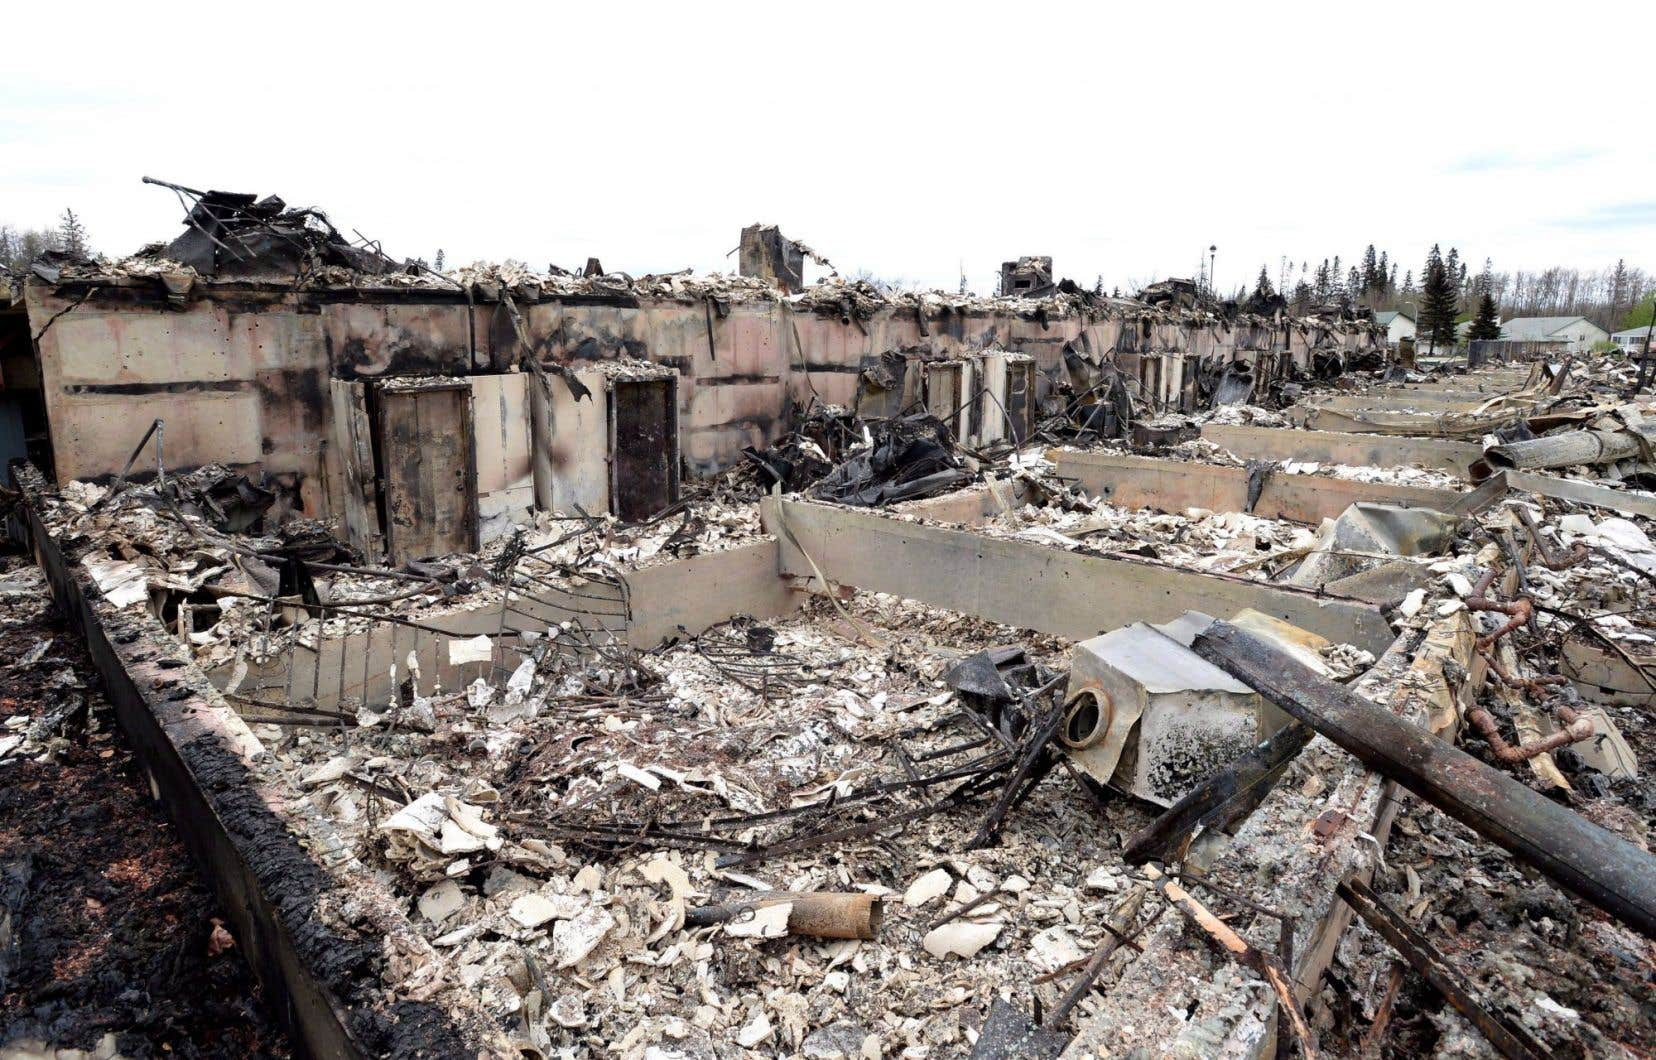 Les incendies qui ont frappé Fort McMurray en mai dernier ont laissé certains pans de la ville en ruine.